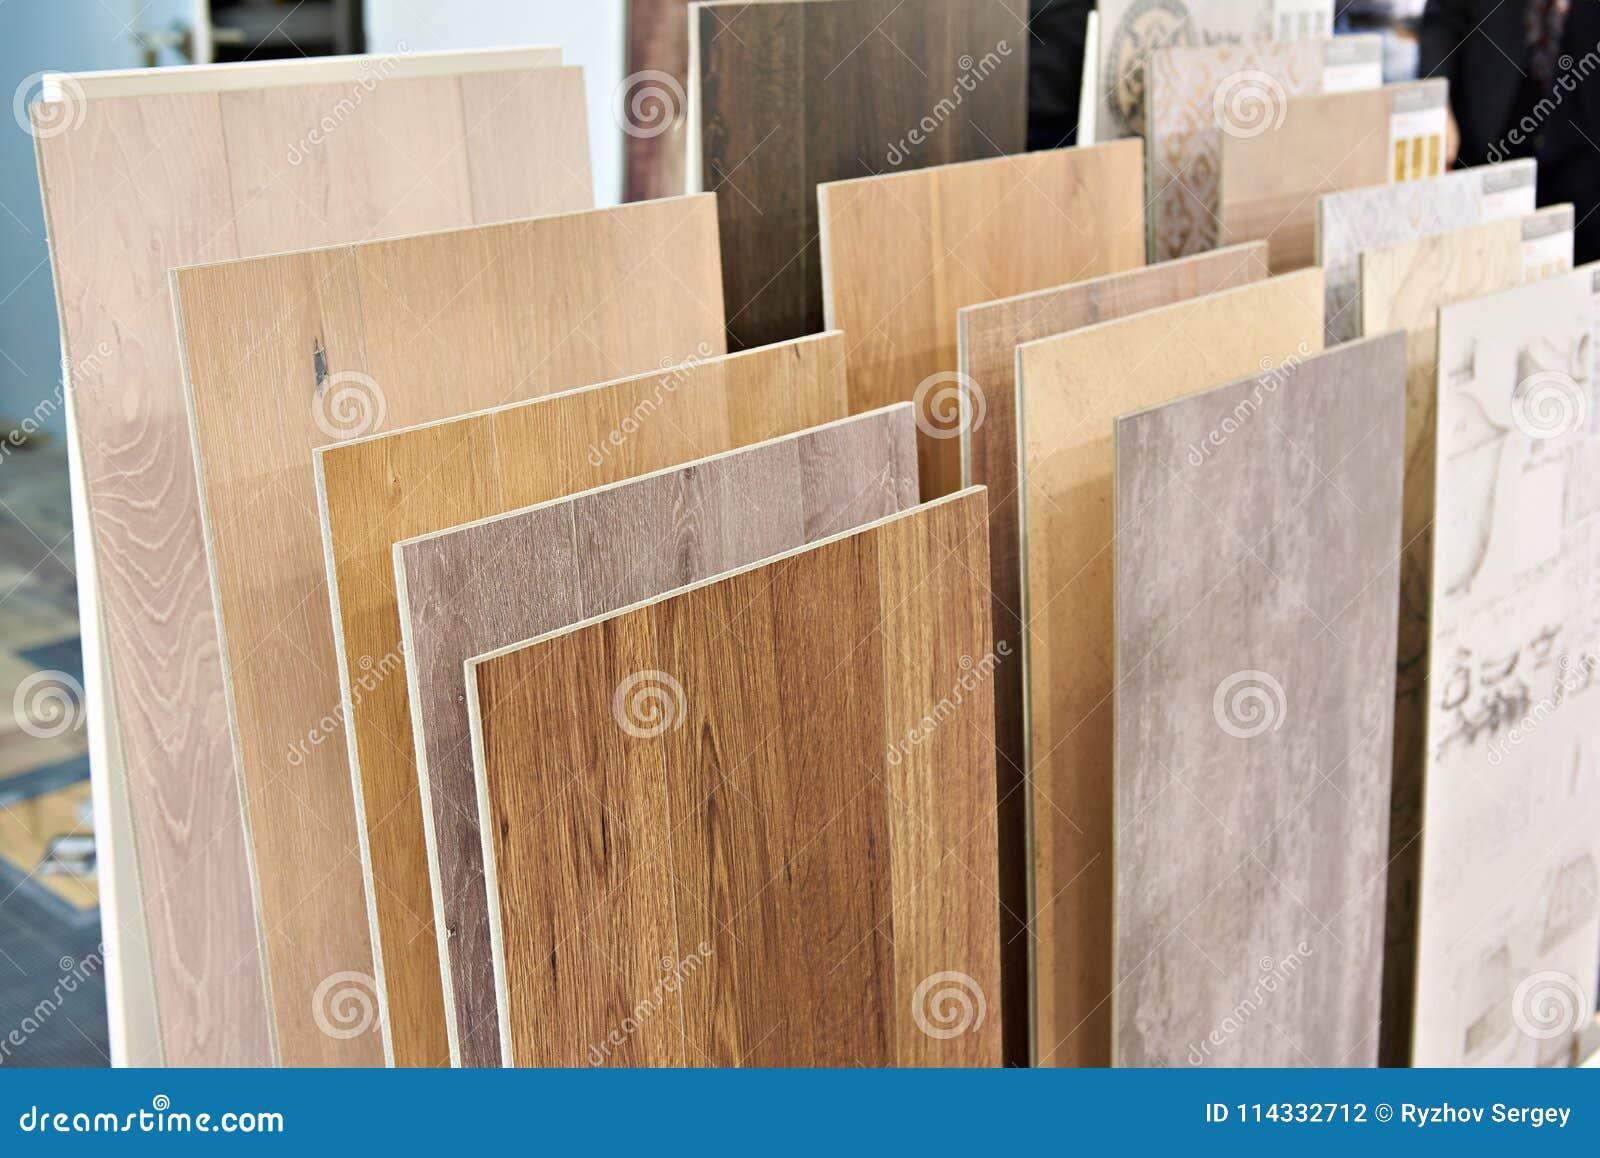 Decorazioni In Legno Per Pareti : Pannelli di legno decorativi per le pareti fotografia stock